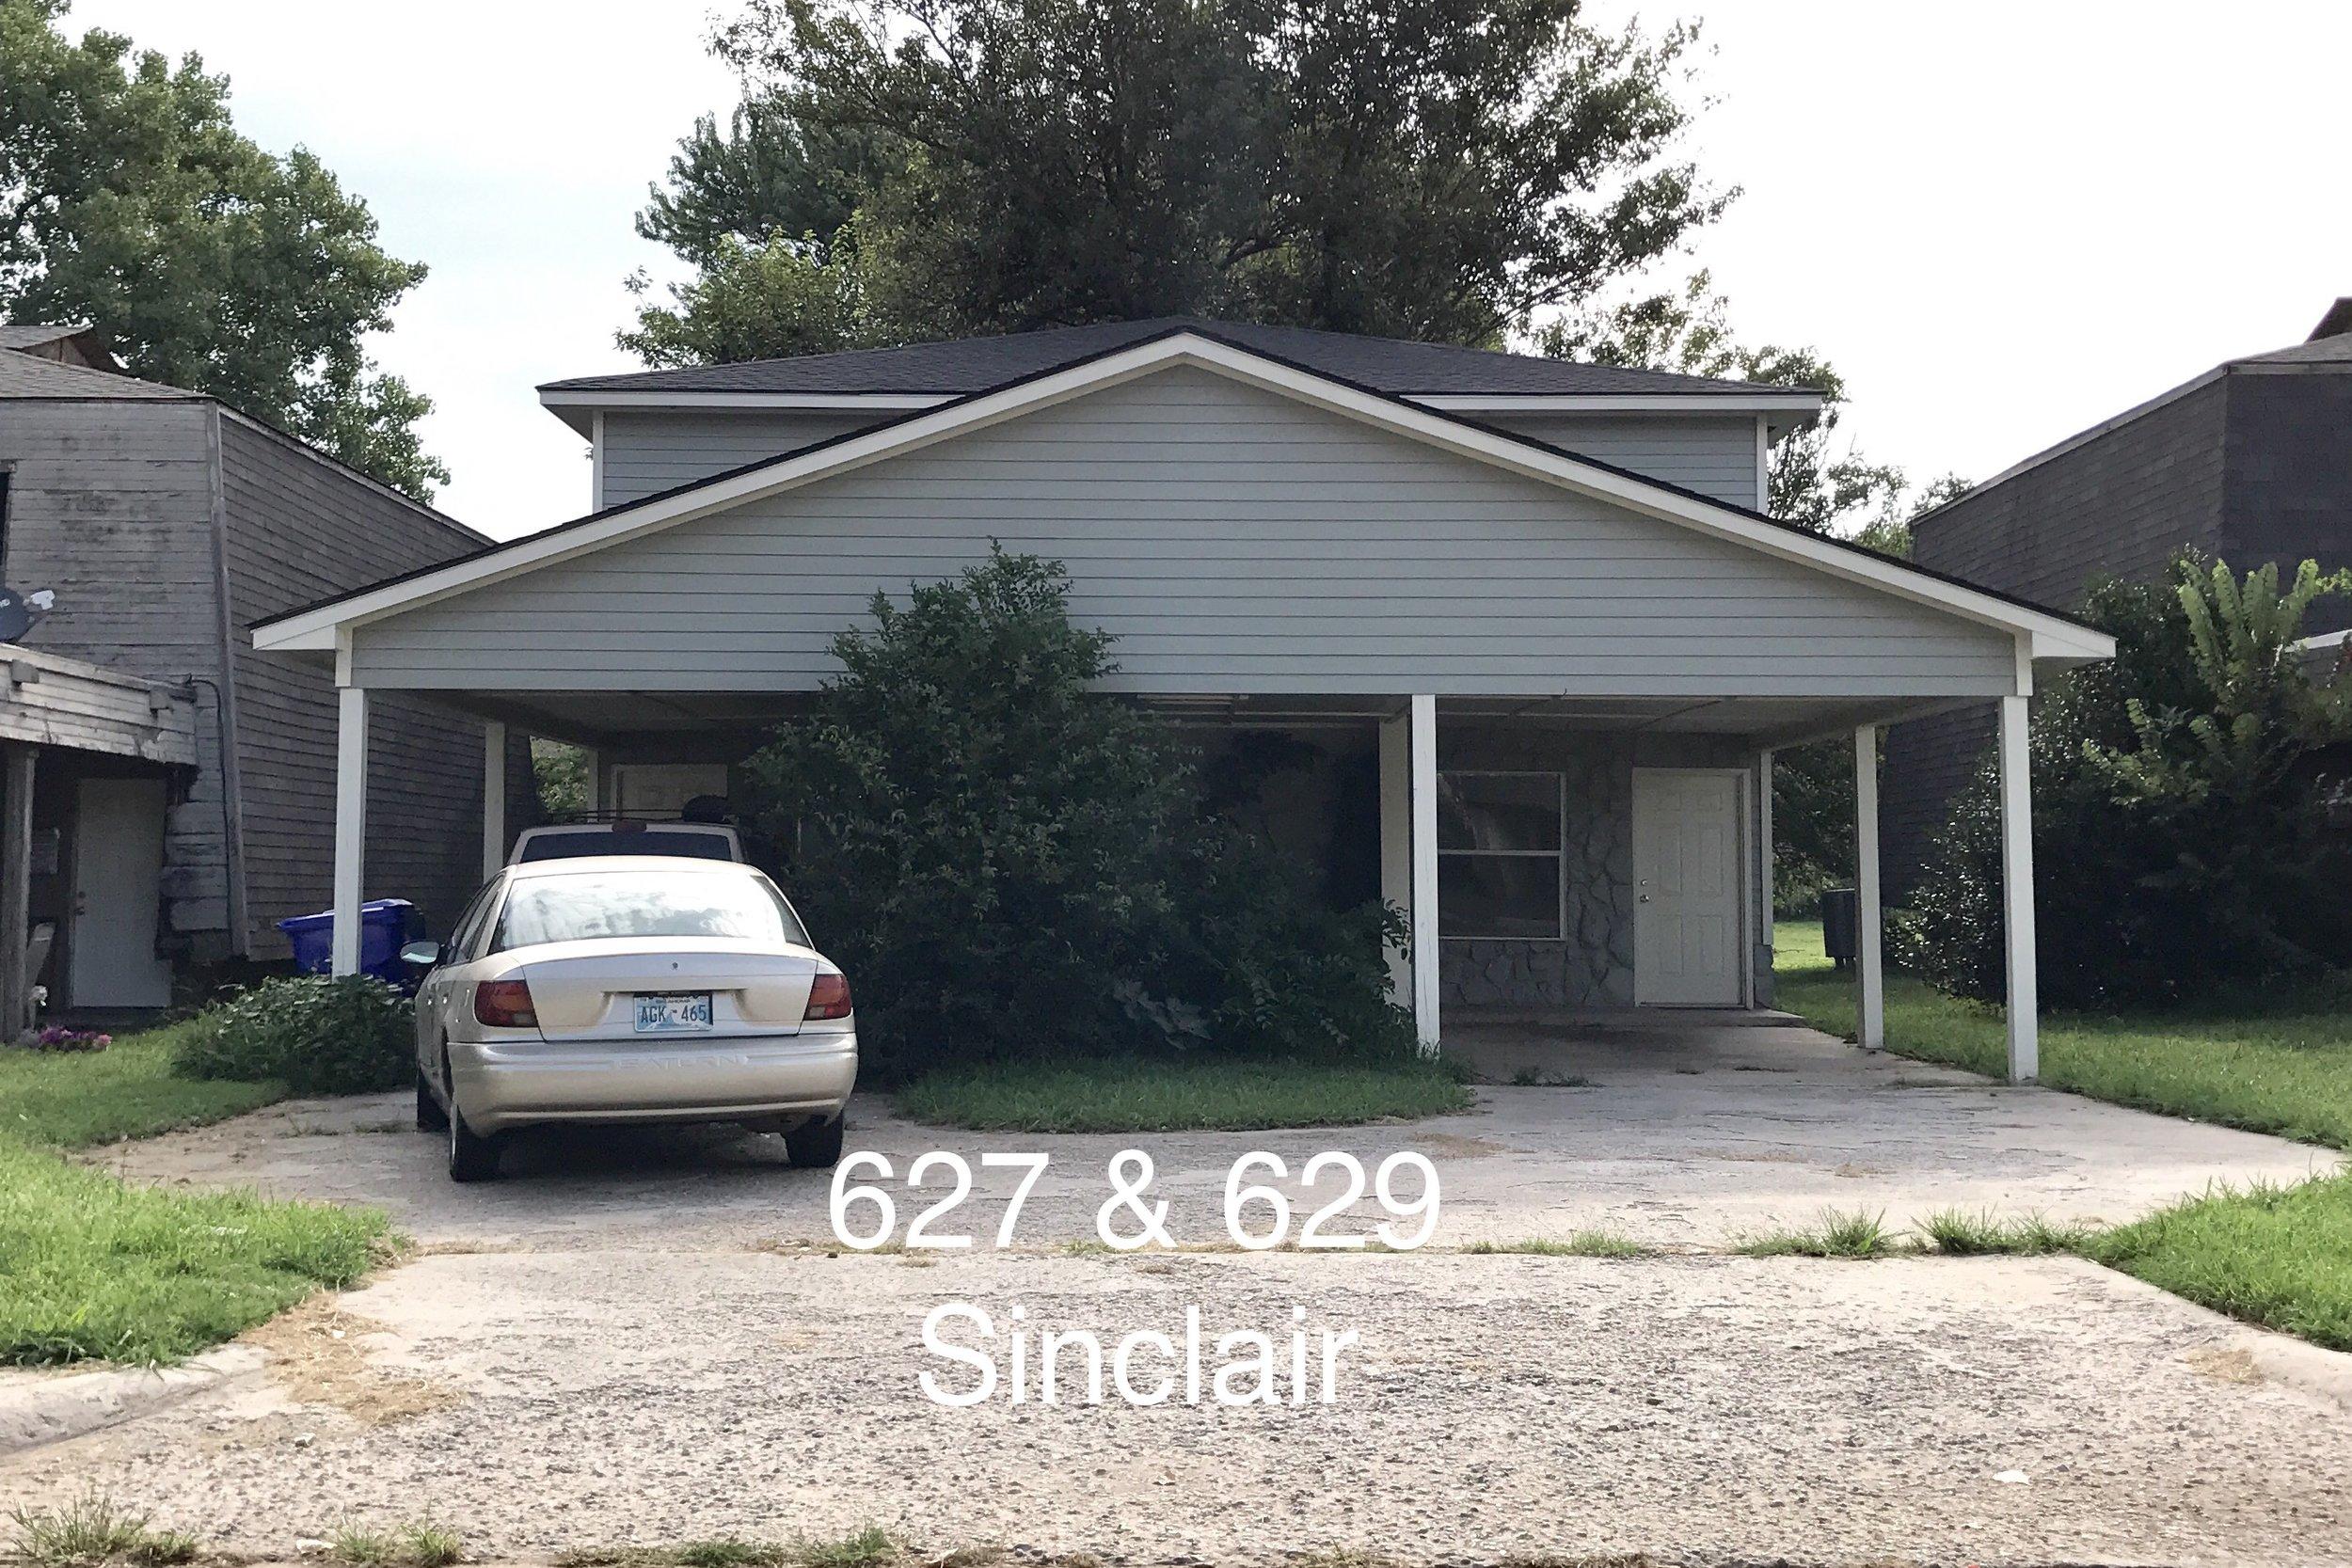 627 & 629 Sinclair.jpg